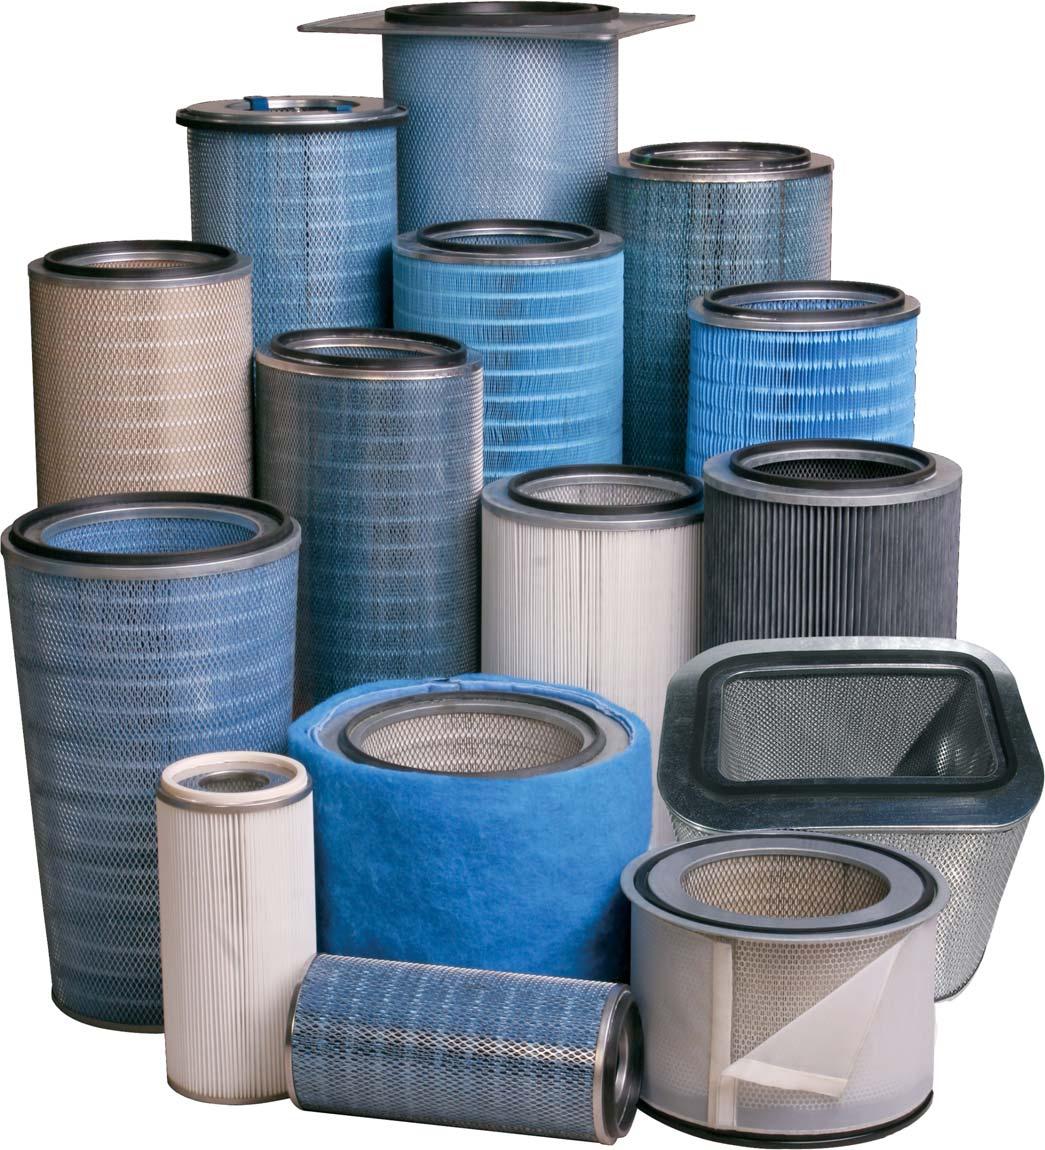 Vzduchové filtry DONALDSON-TORIT